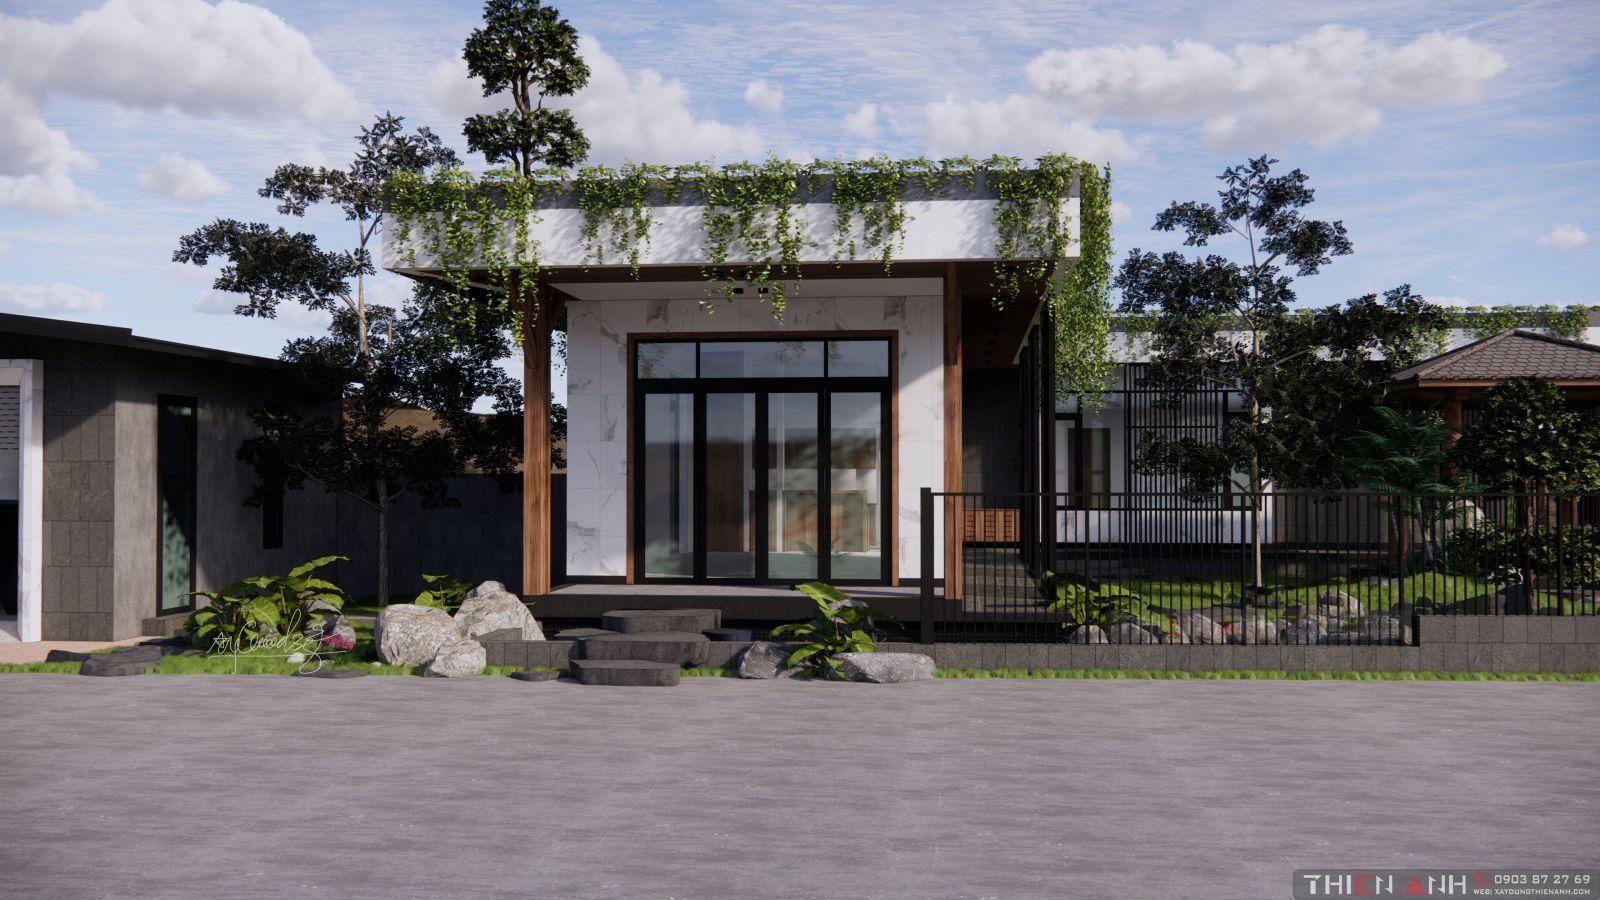 thiết kế nhà vườn hiện đại